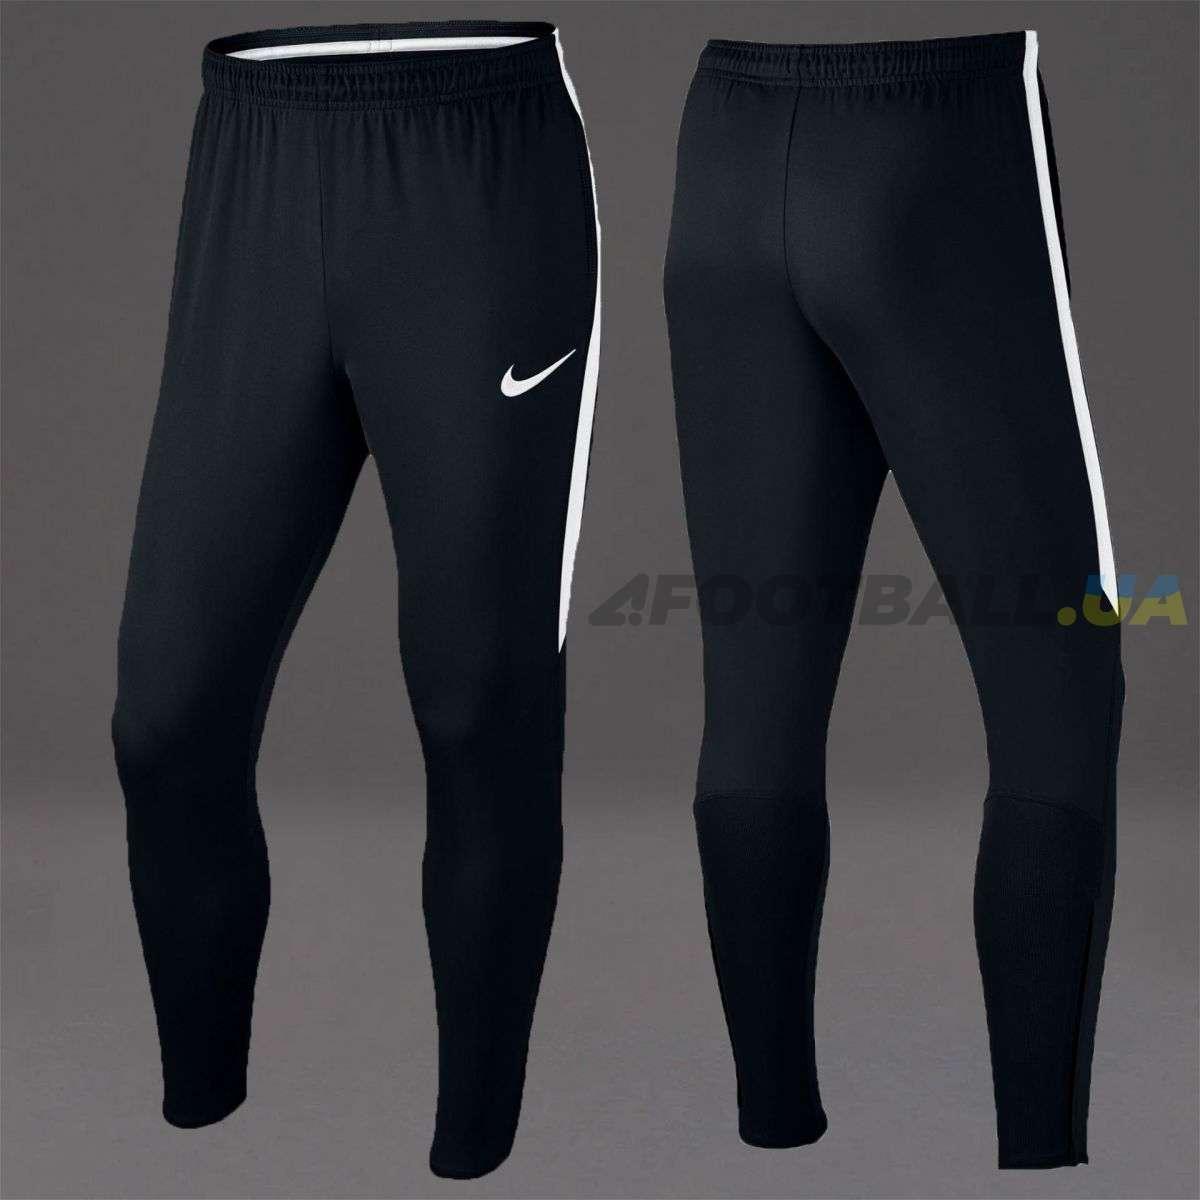 f7f439d5 Футбольные спортивные штаны Nike SQD 818653-010 купить на 4football ...